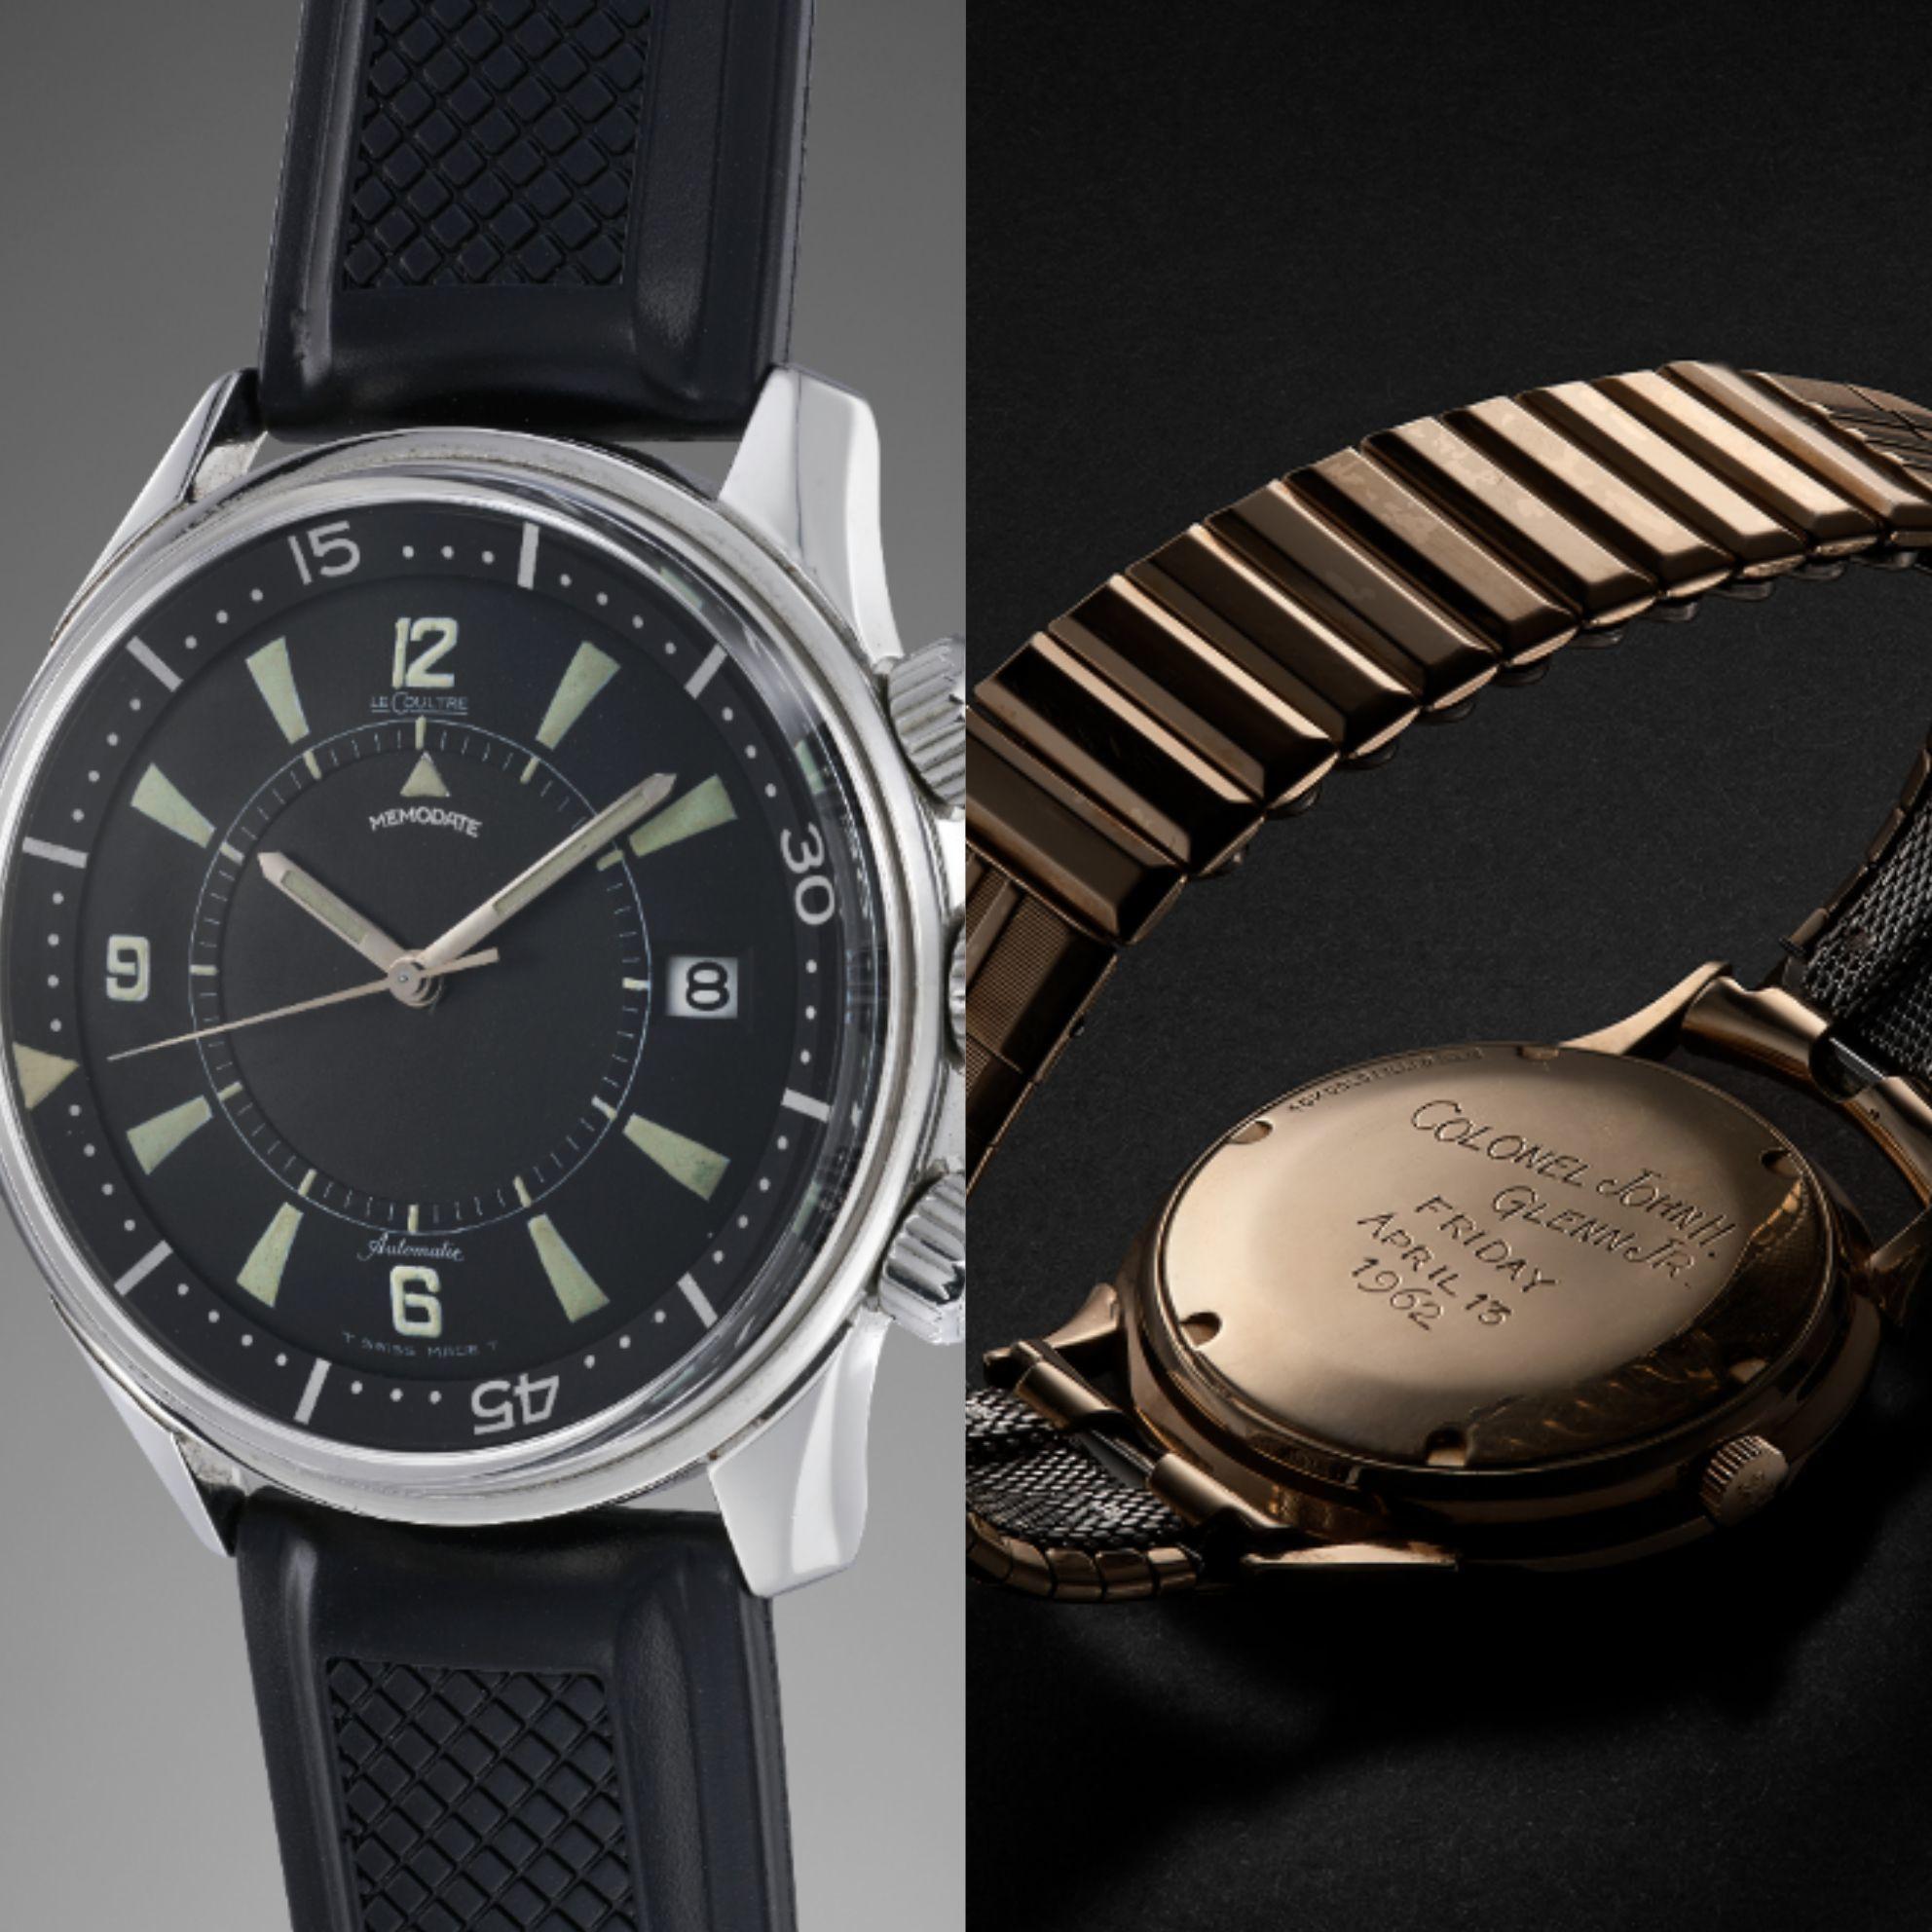 珍罕拍賣藏品彰顯積家精湛製錶工藝